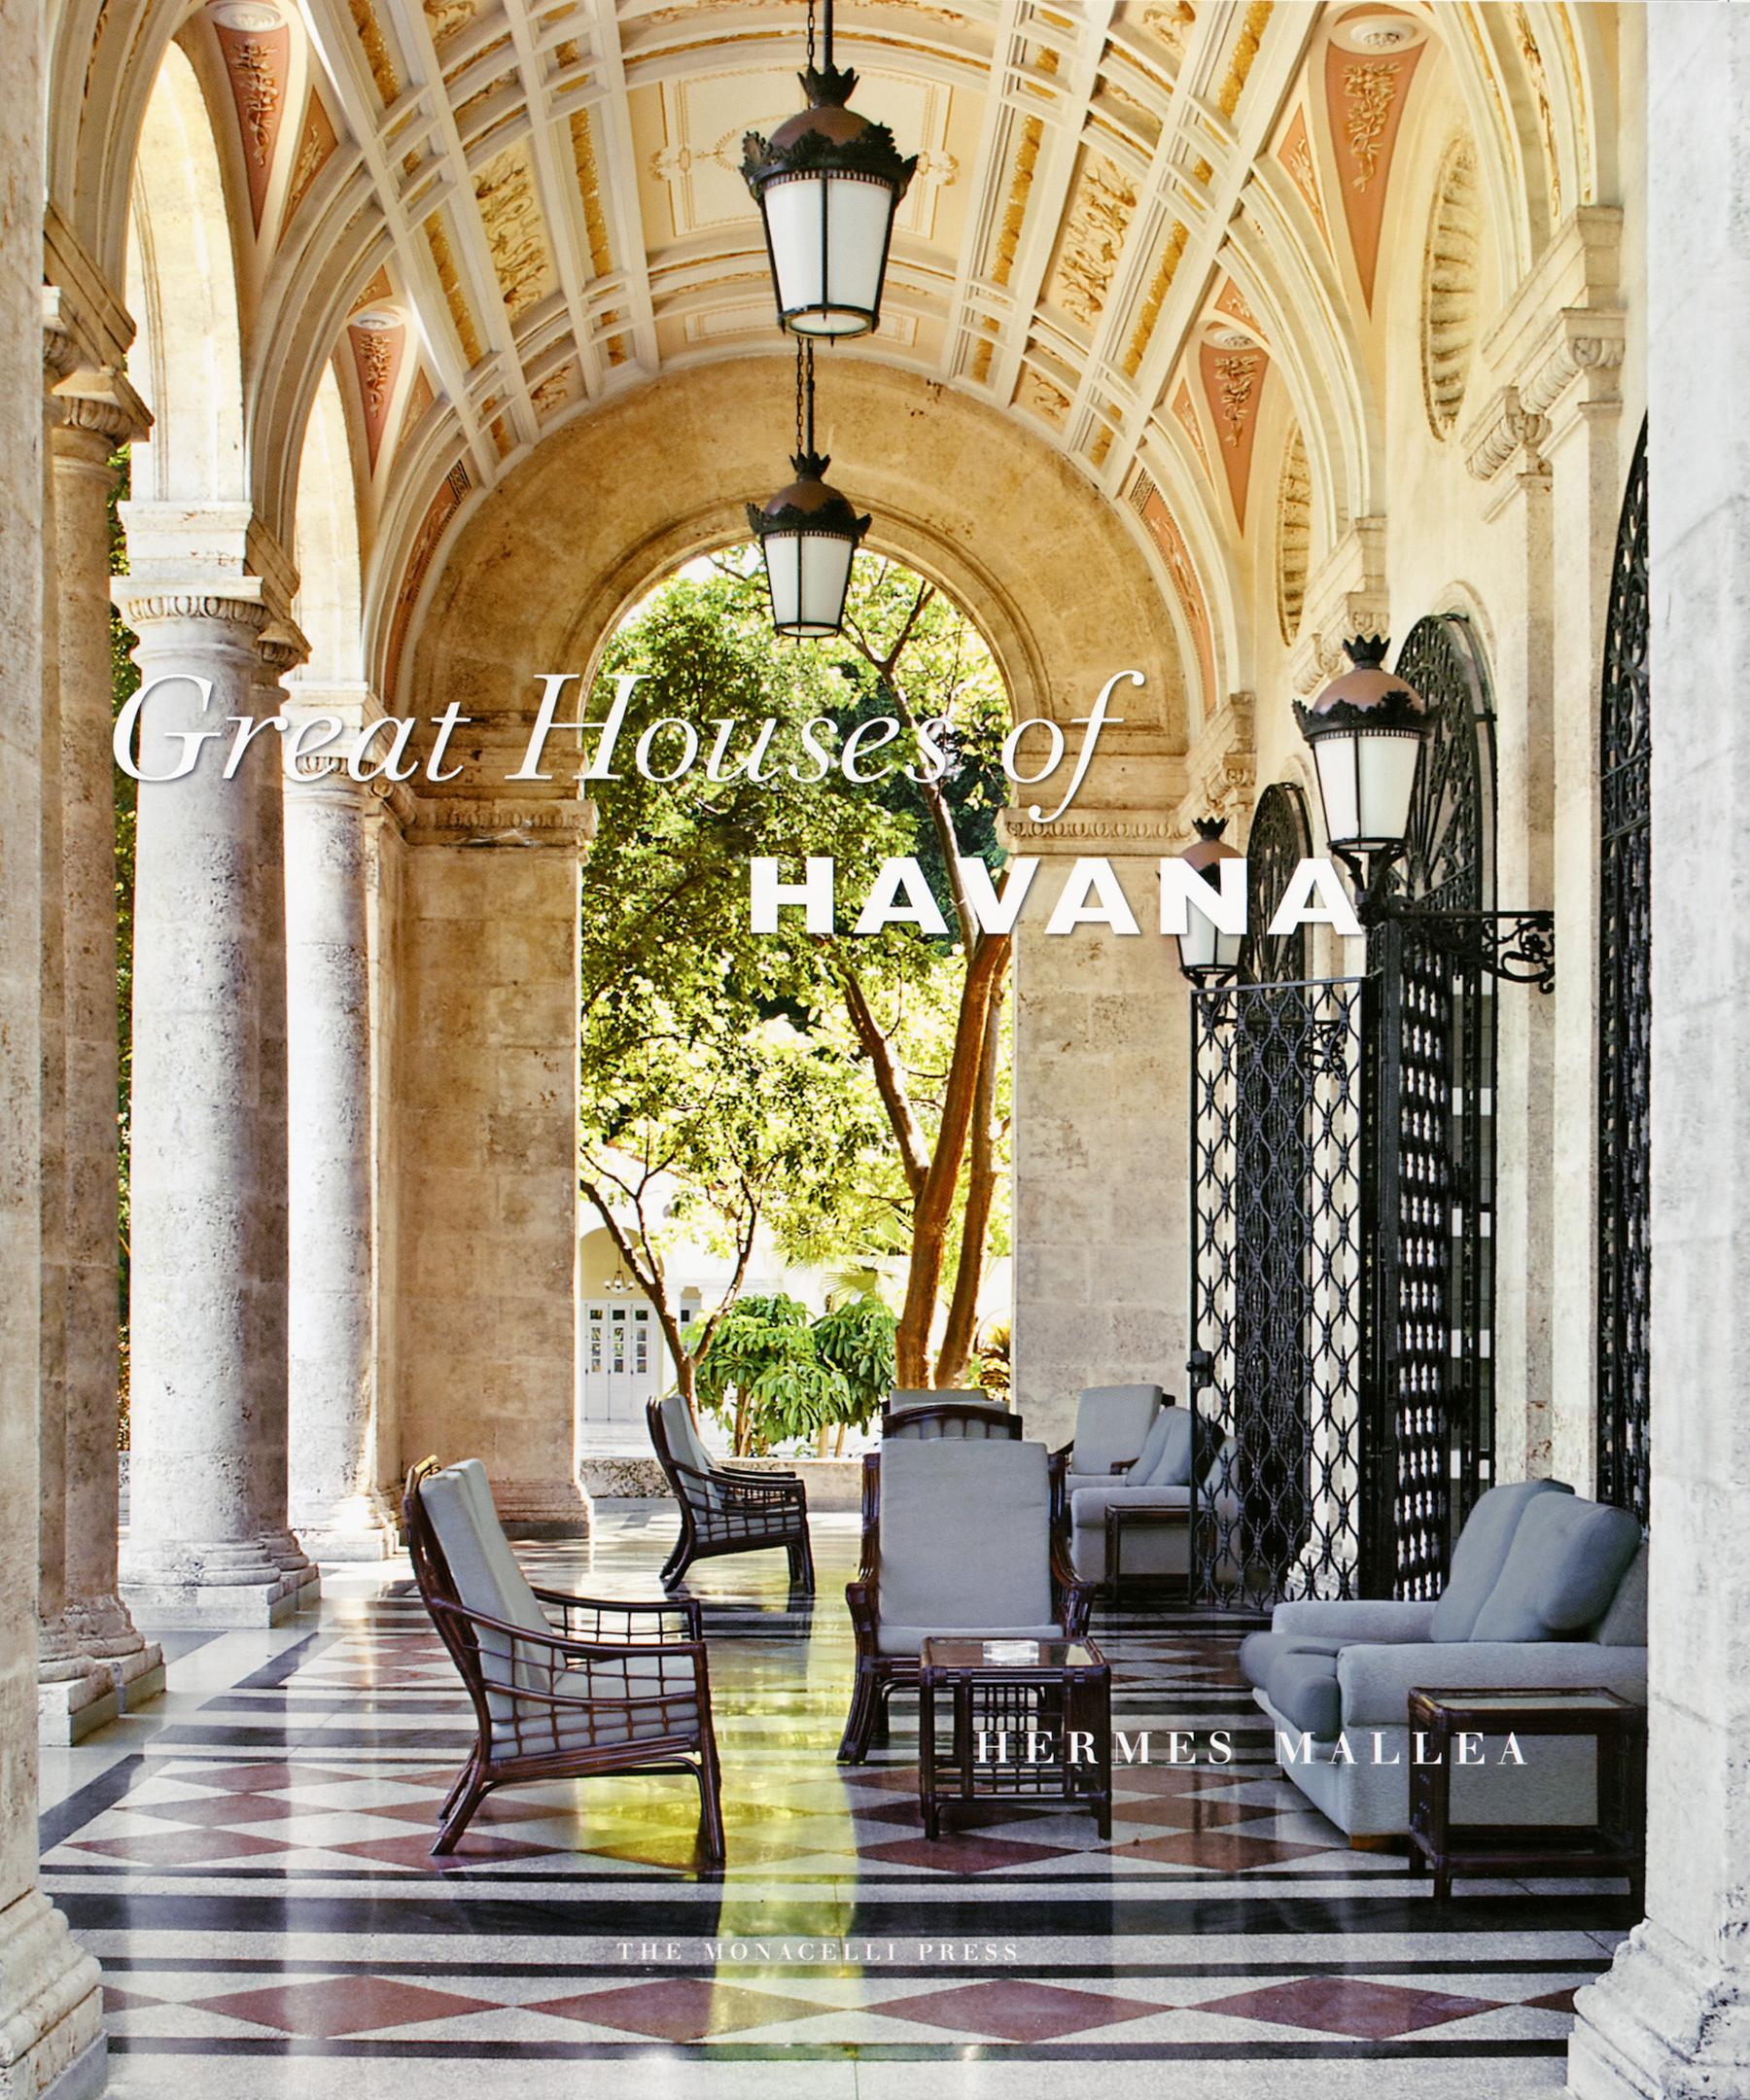 Great Houses of Havana - Written by Hermes Mallea